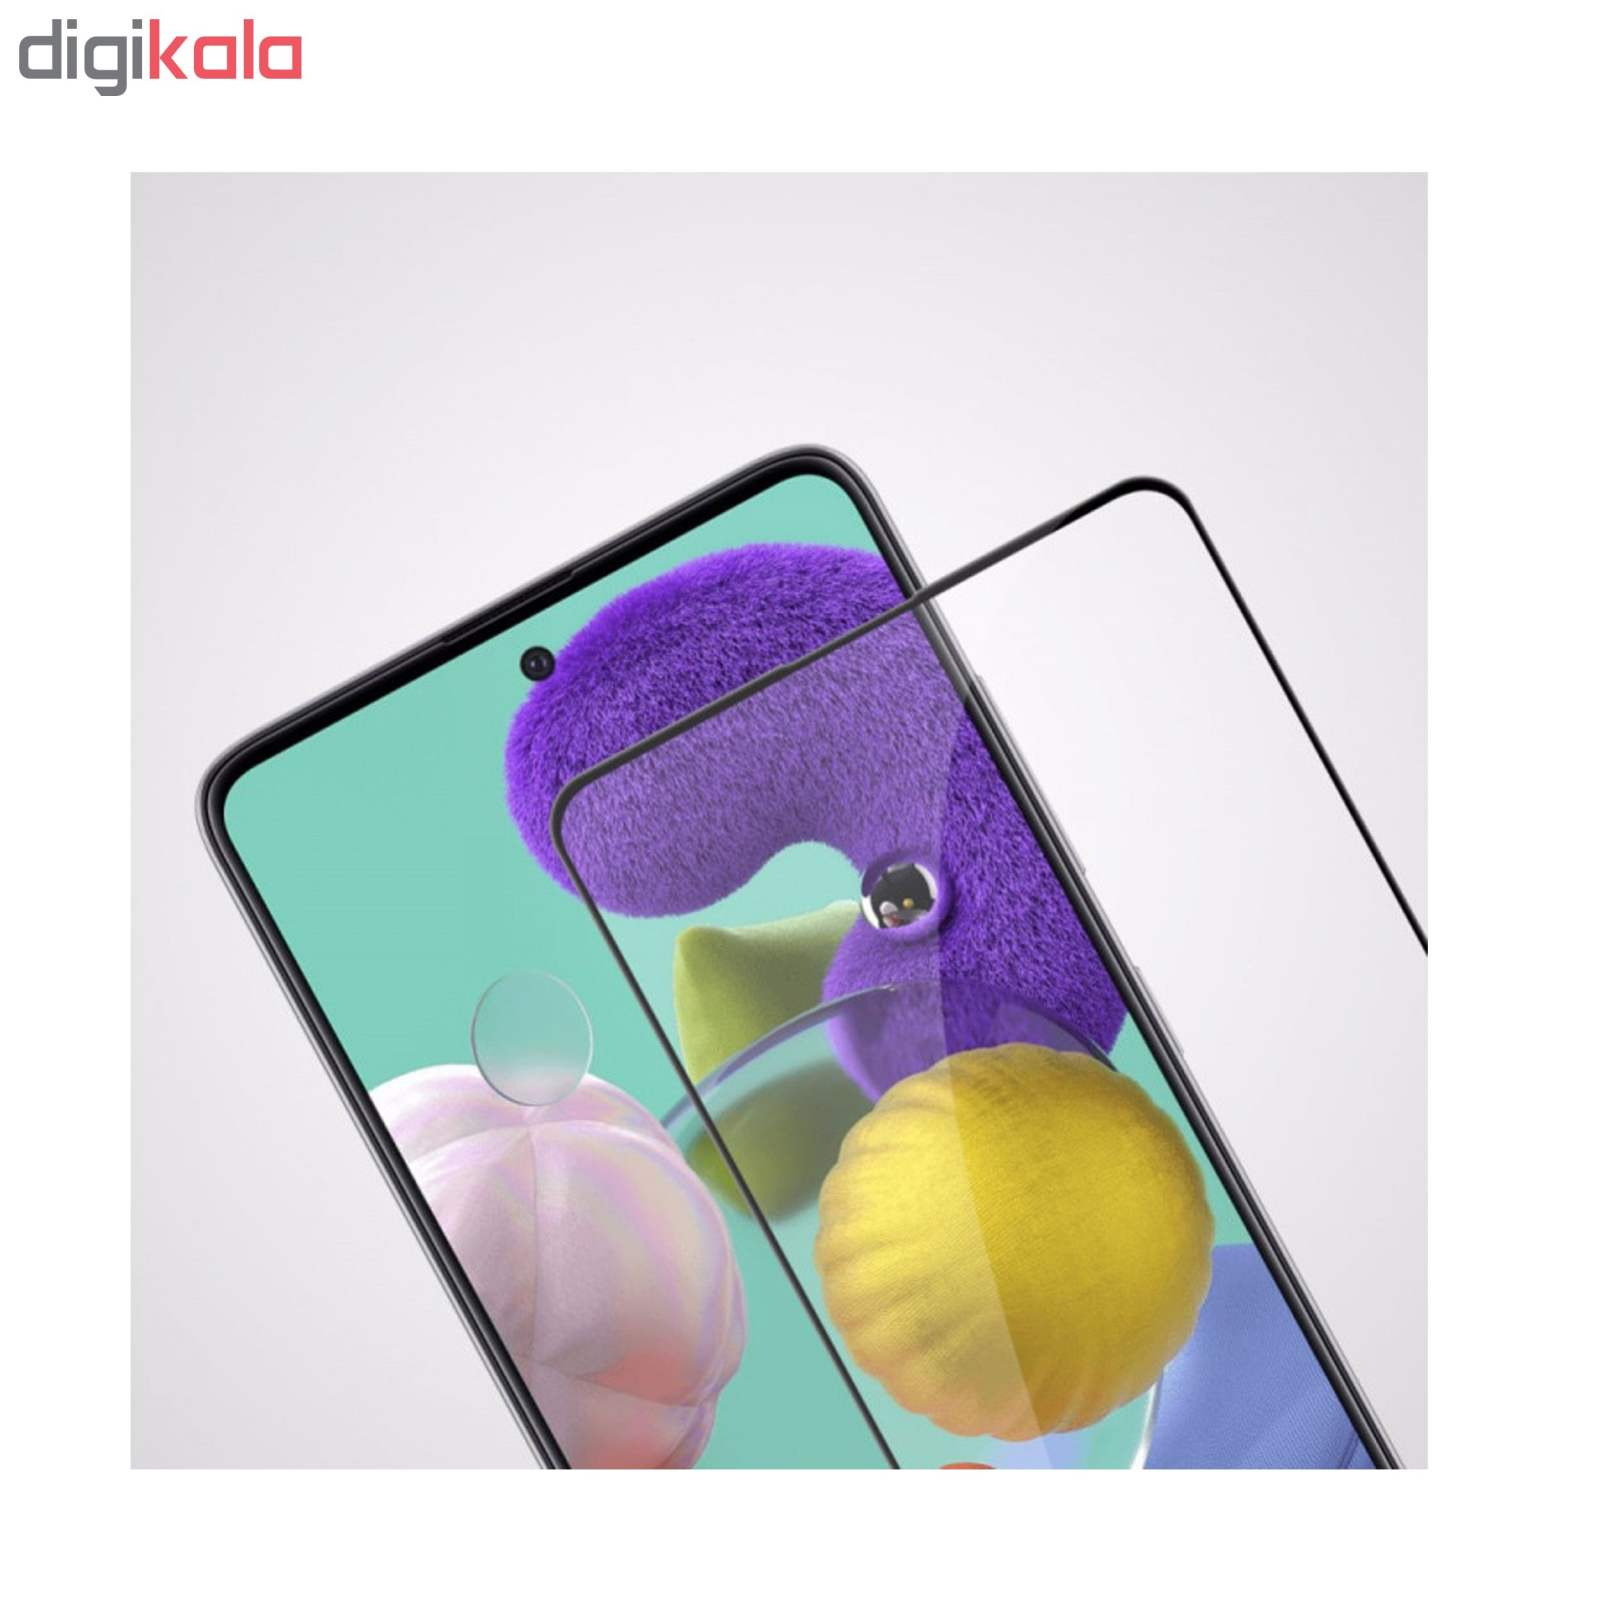 محافظ صفحه نمایش اسپایدر مدل FUS-022 مناسب برای گوشی موبایل سامسونگ Galaxy A51 main 1 3